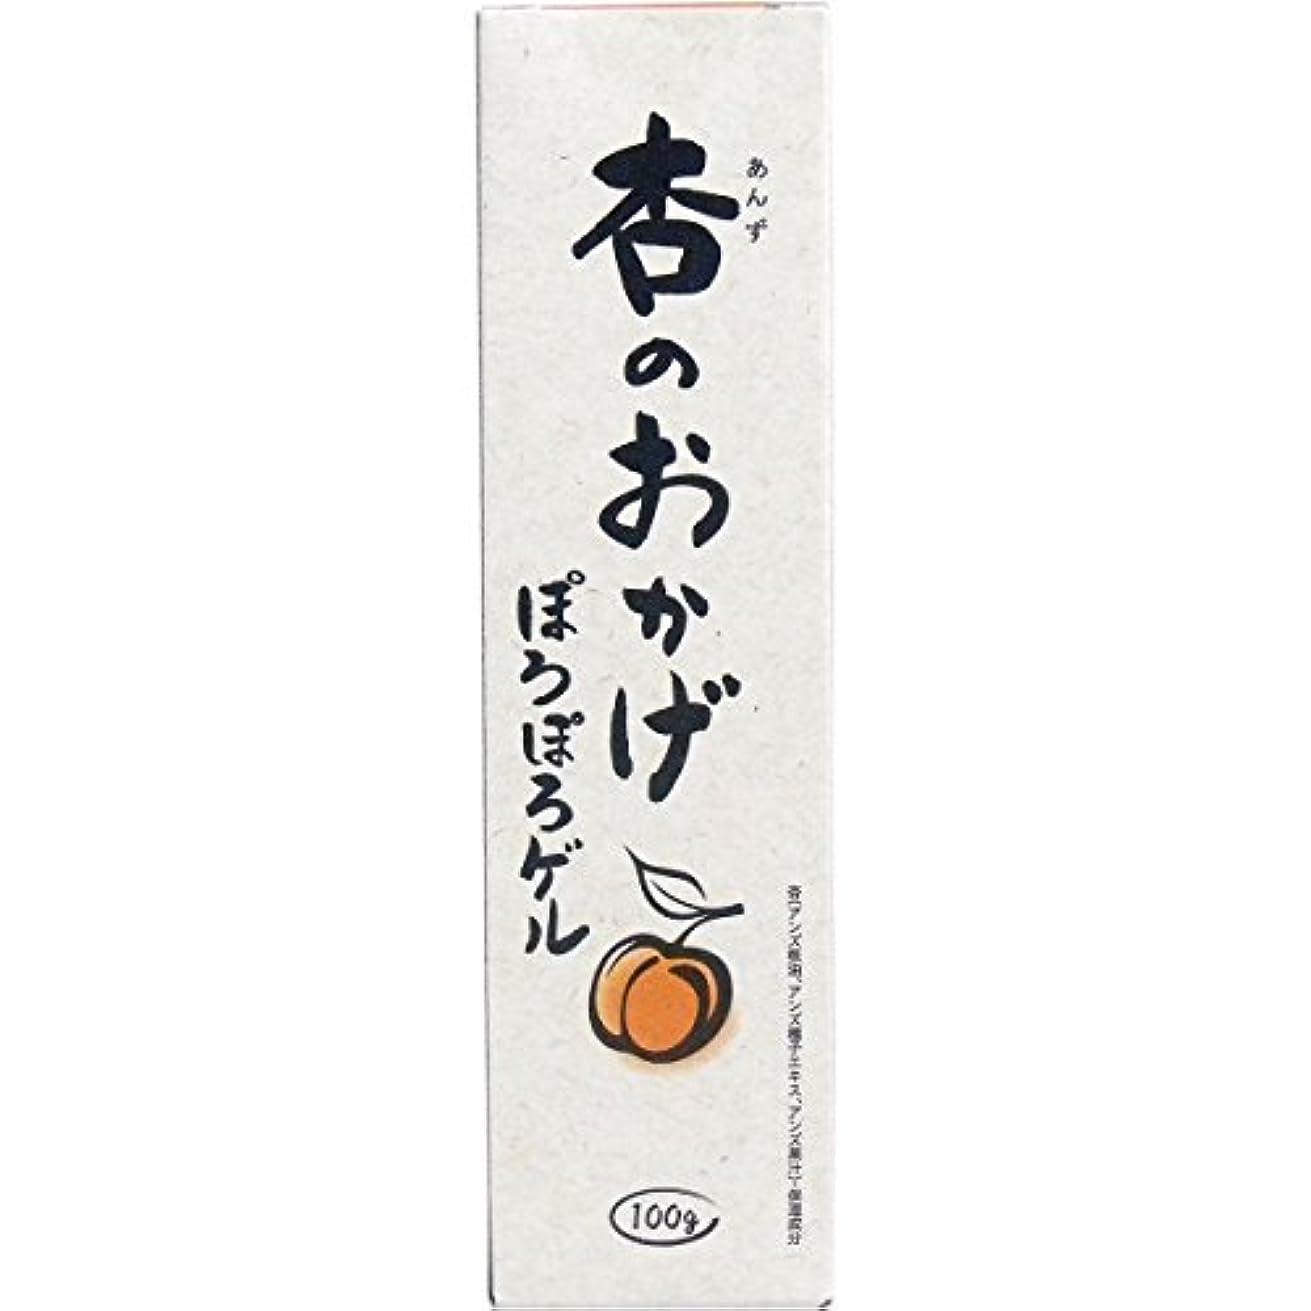 個人汚い電卓杏のおかげ ぽろぽろゲル 100g